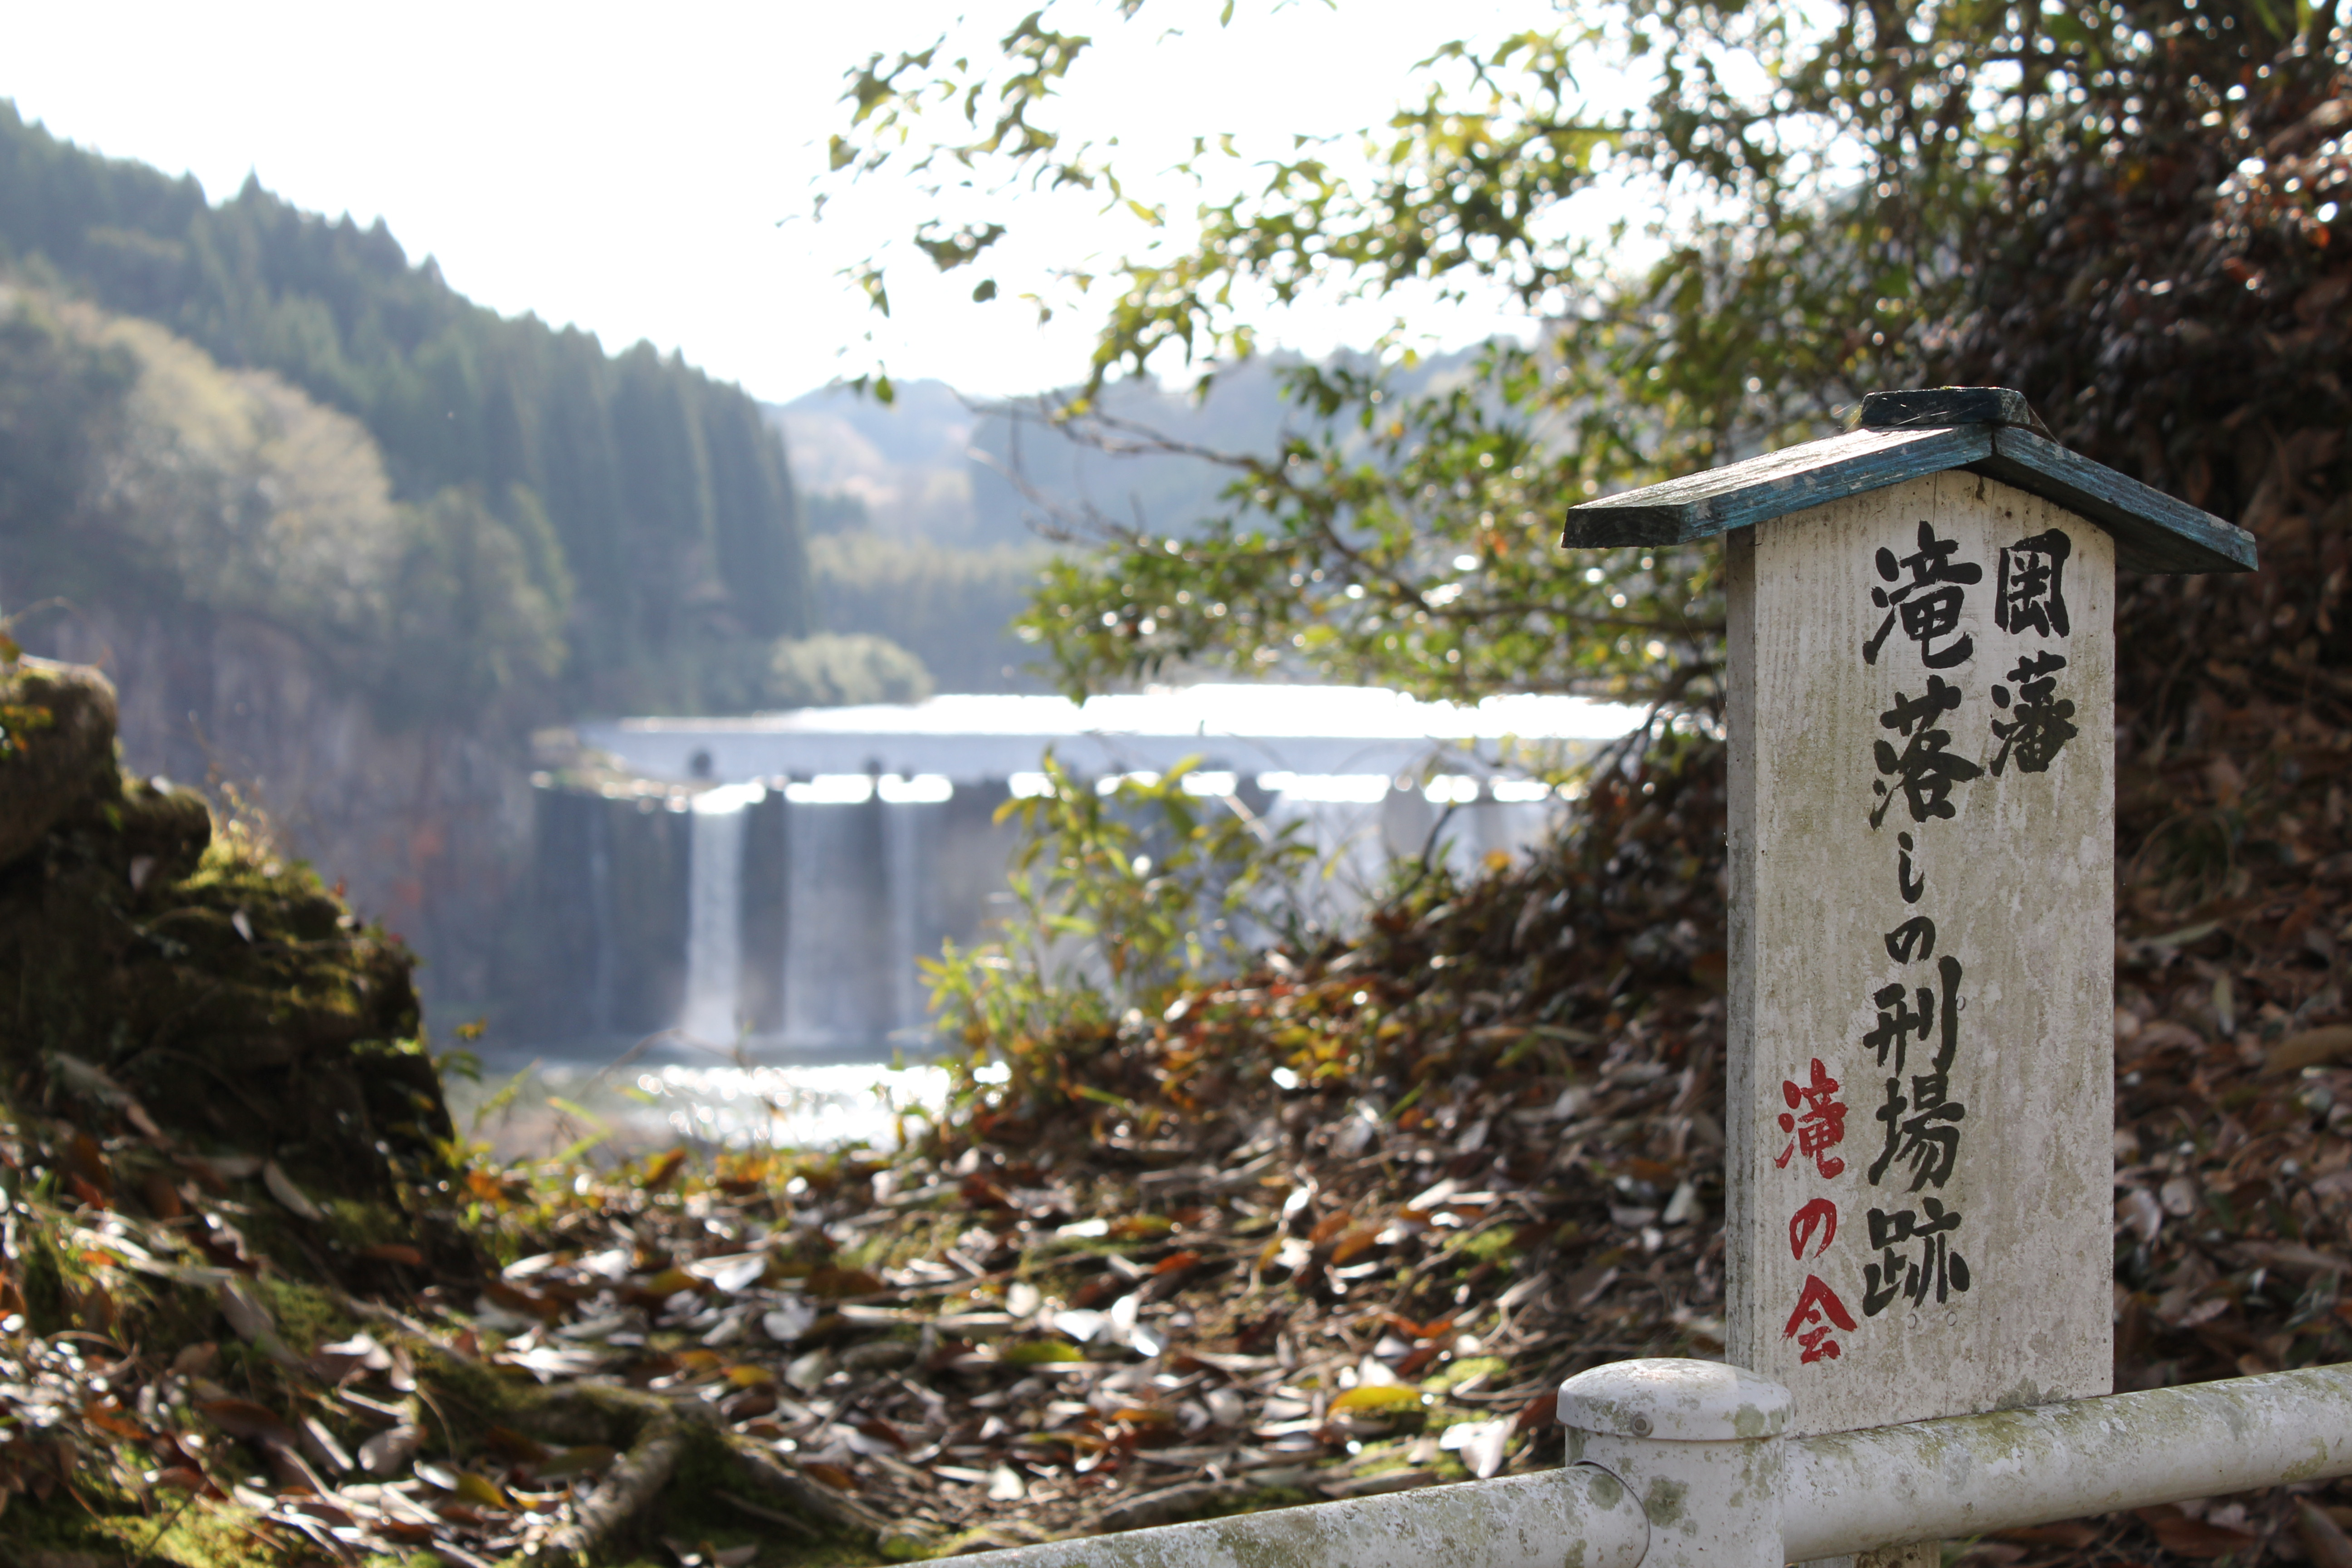 沈堕の滝 滝落としの刑場跡